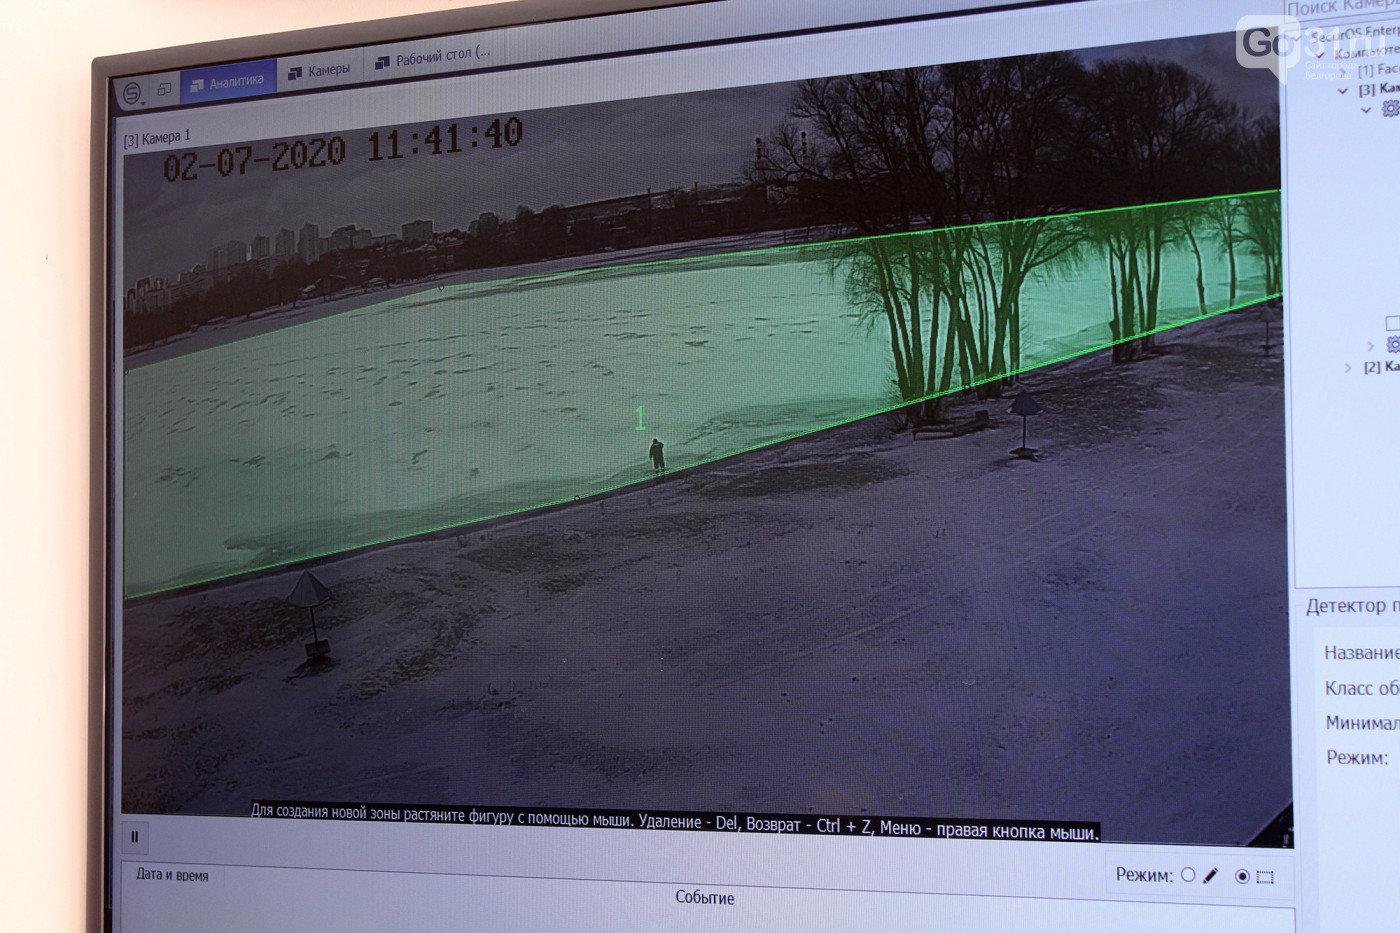 В Белгороде тестируют интеллектуальные видеокамеры, фото-2